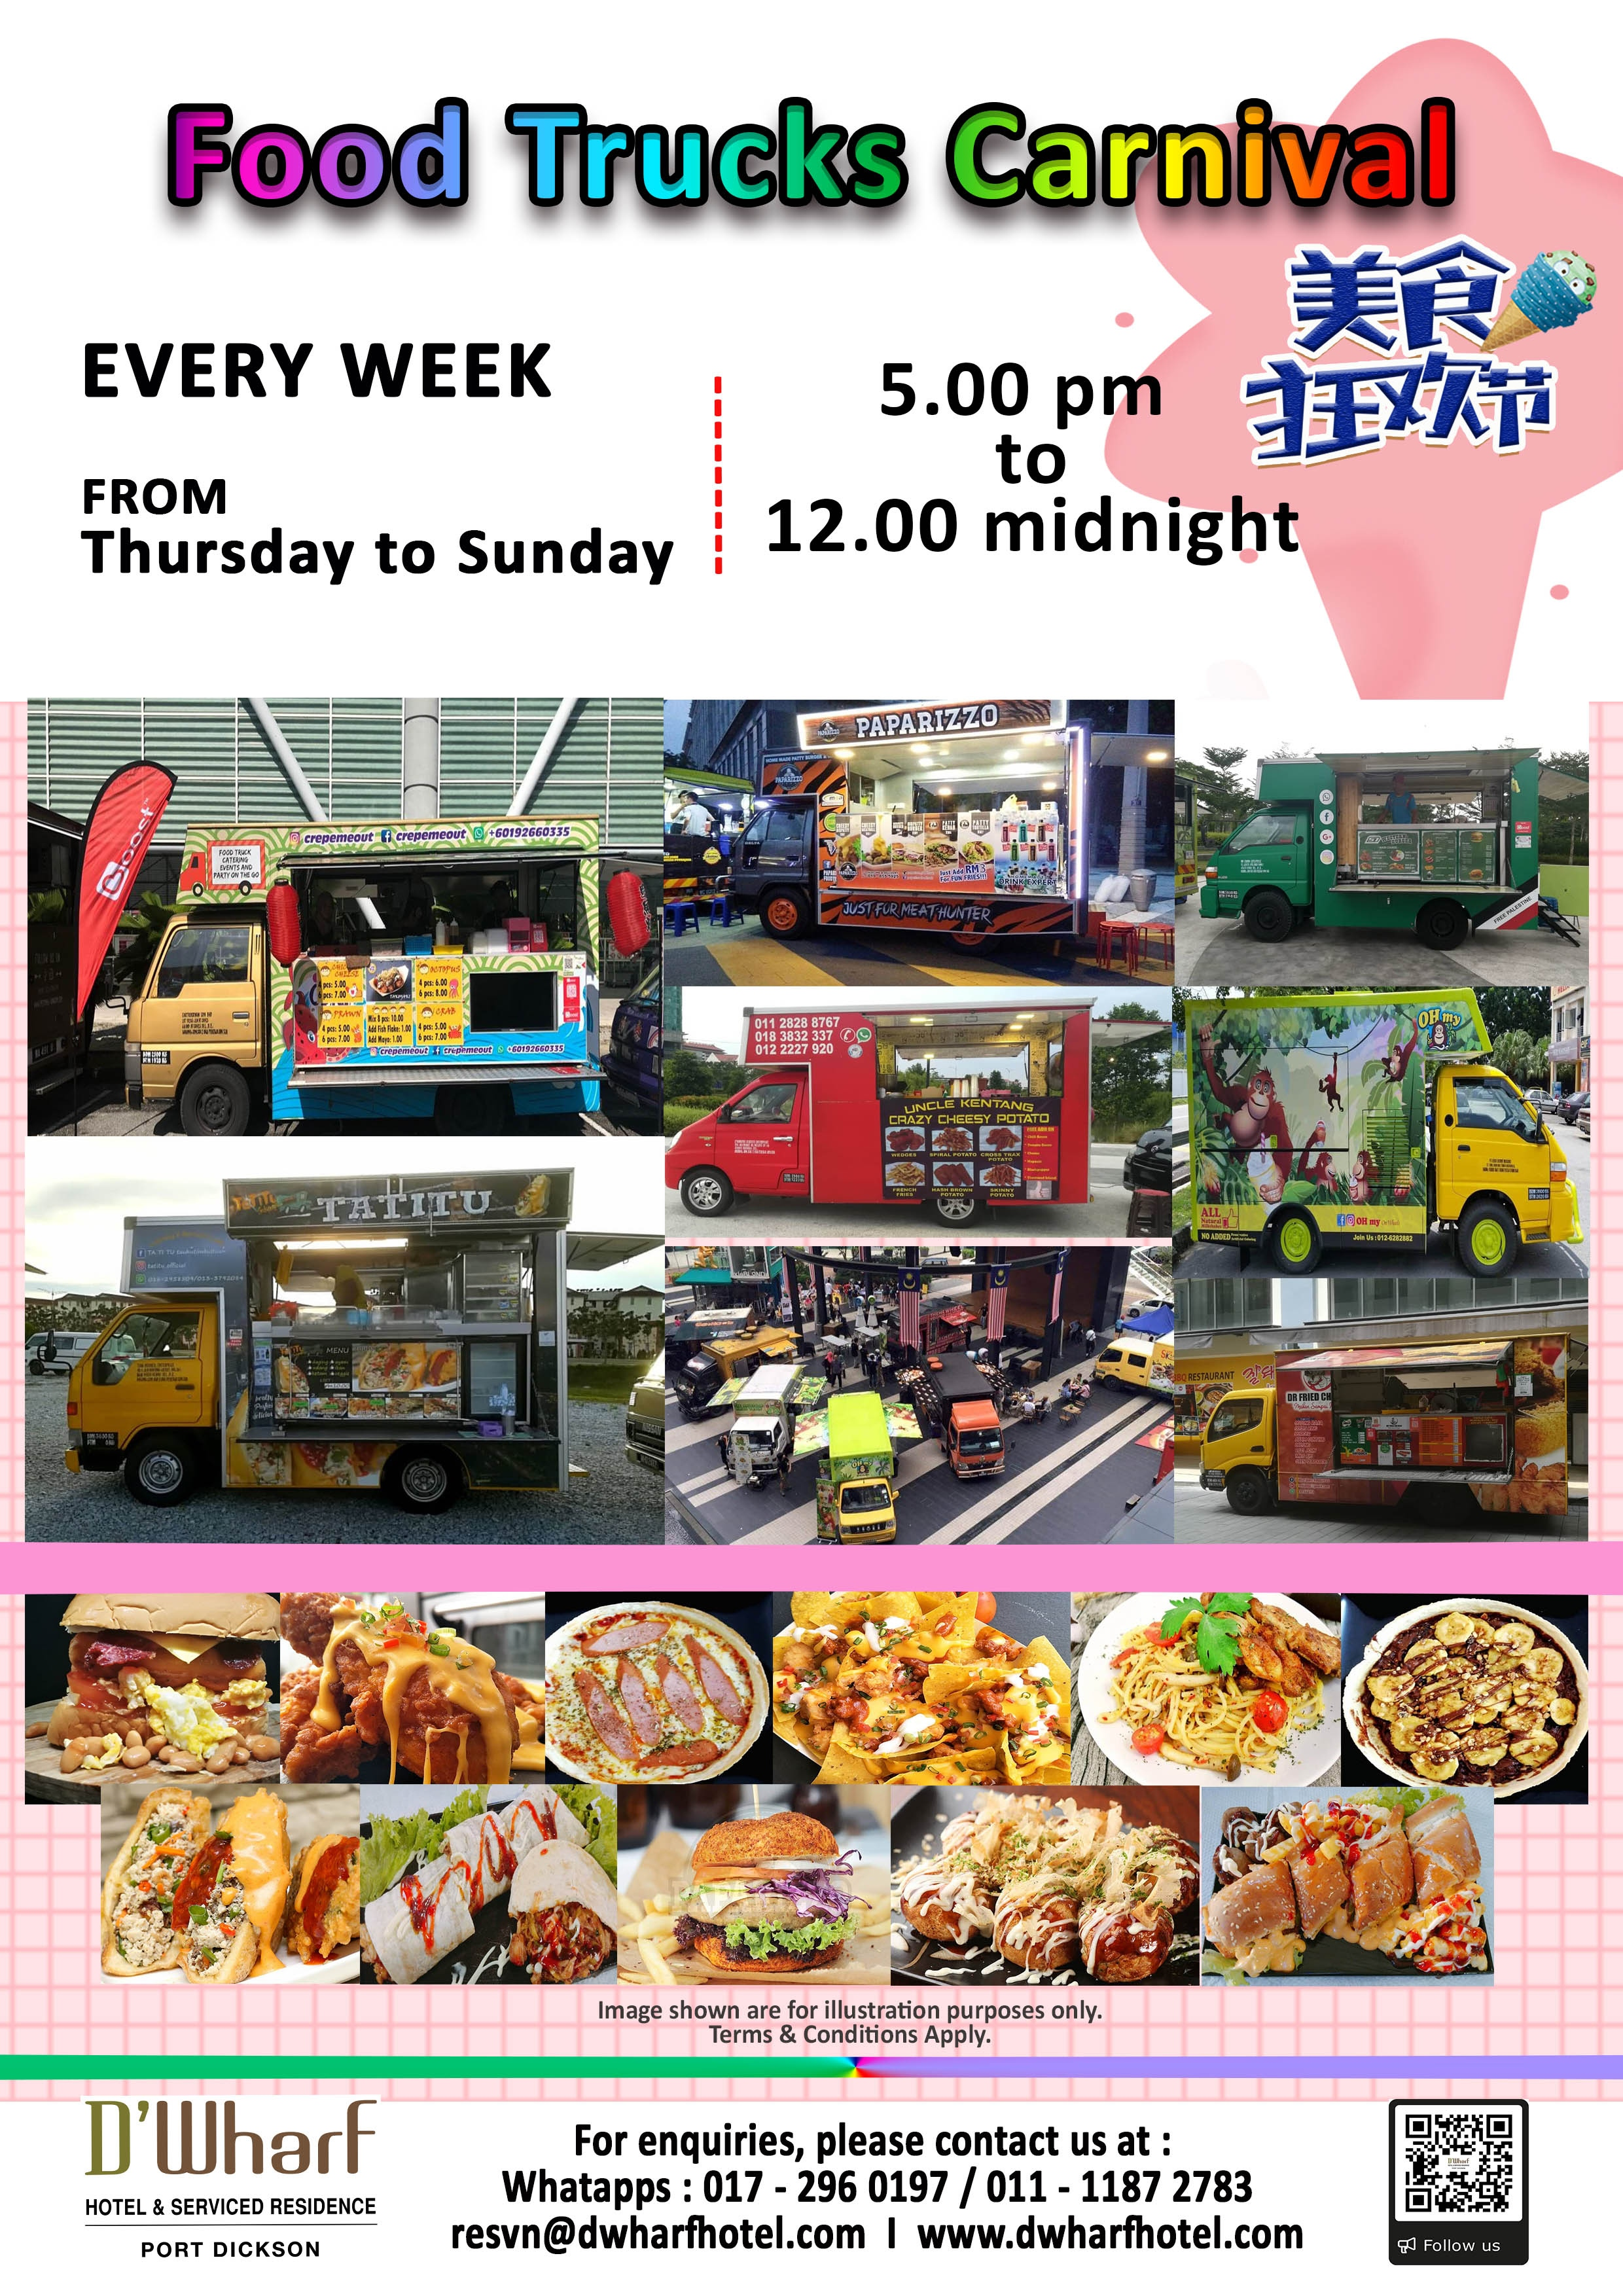 Food Trucks Carnival updated Schedule 05